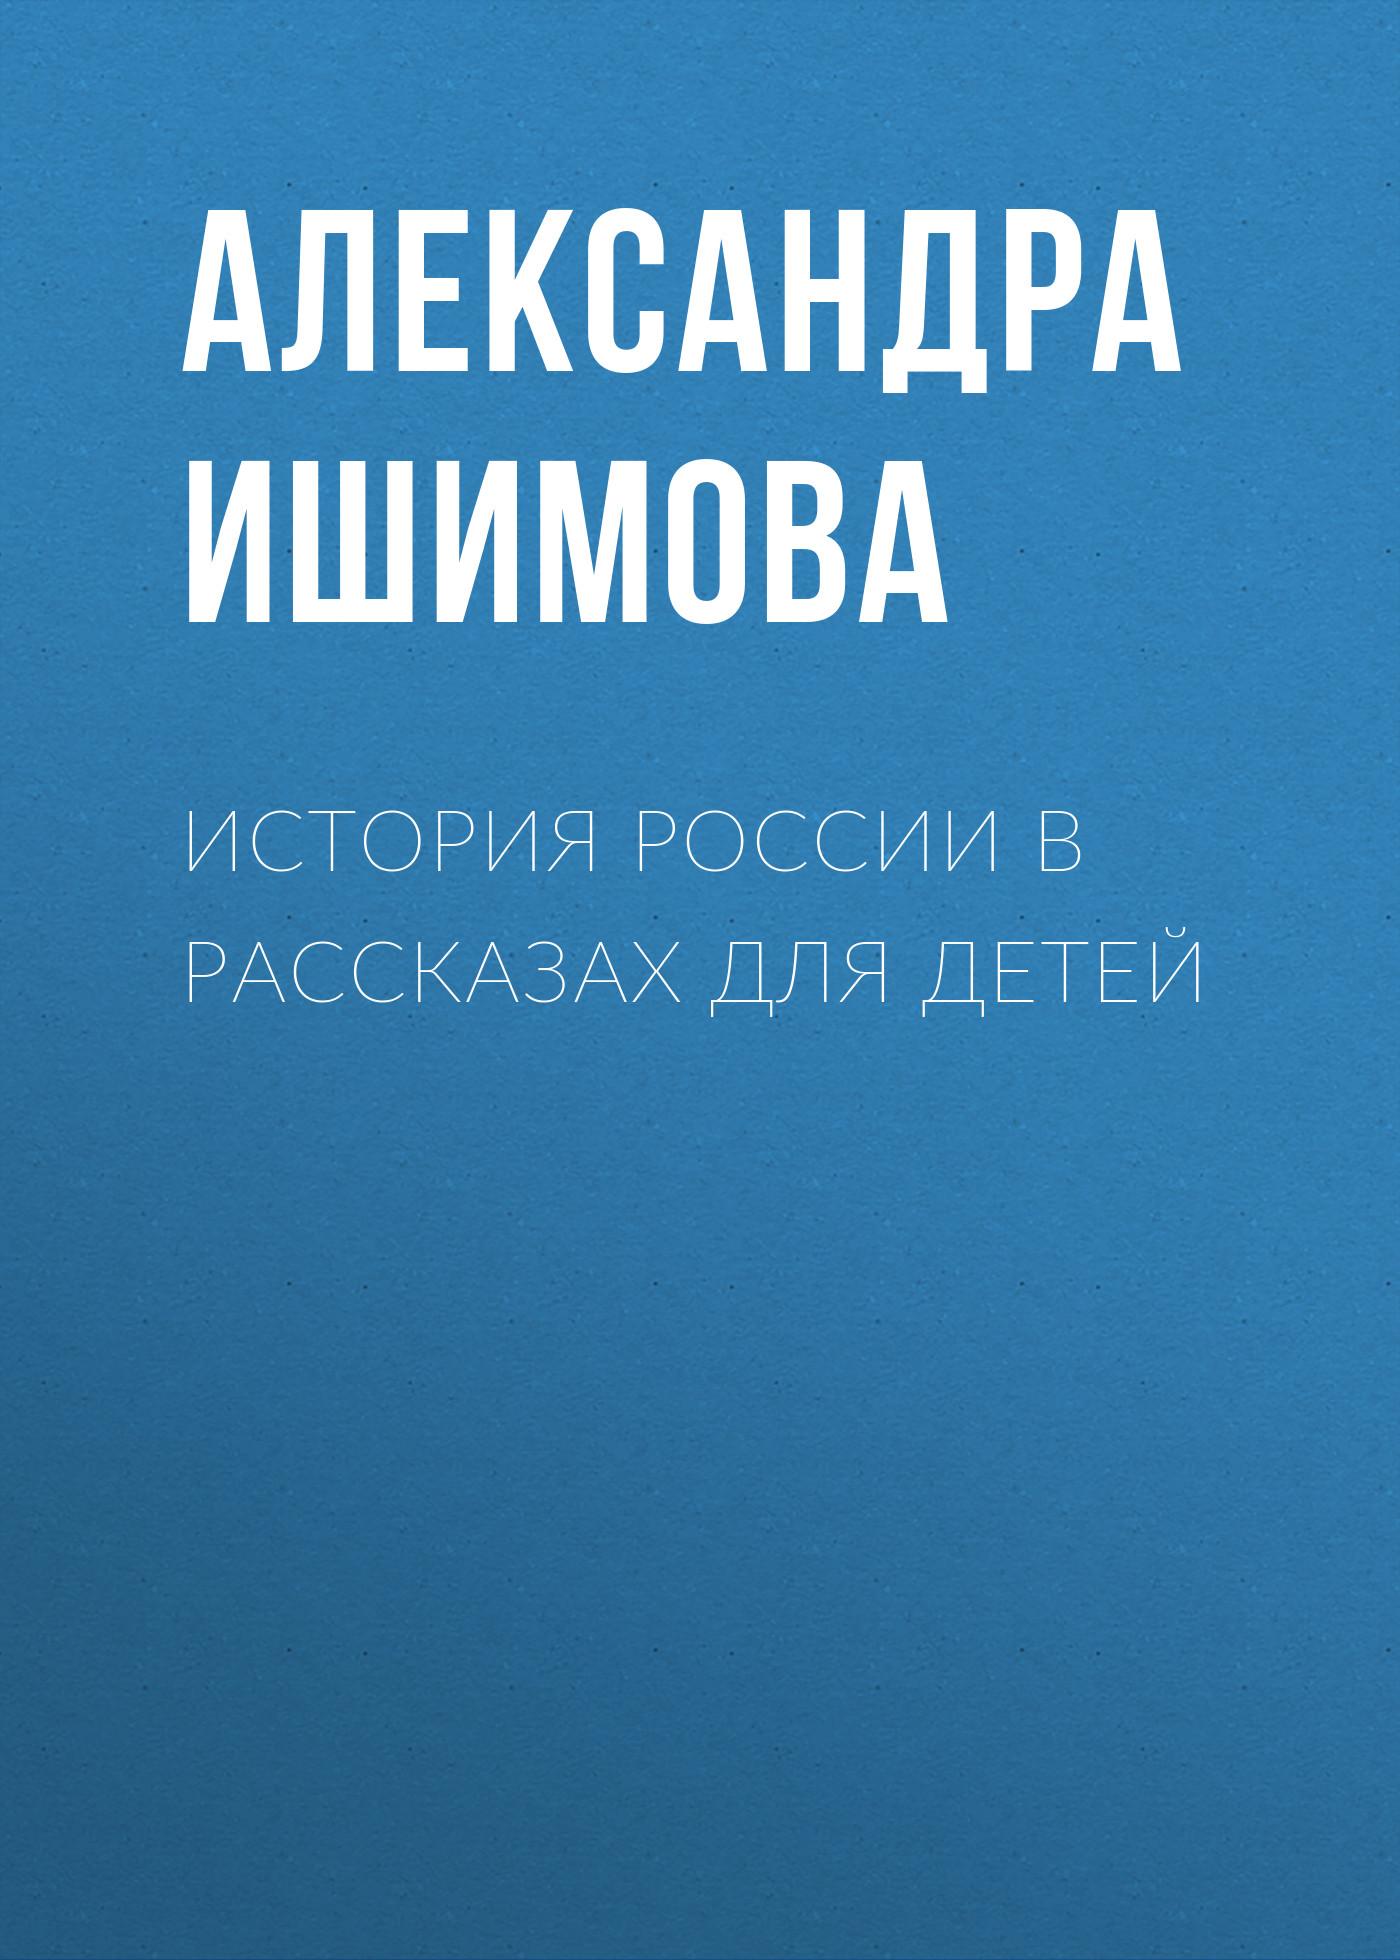 цена на Александра Ишимова История России в рассказах для детей